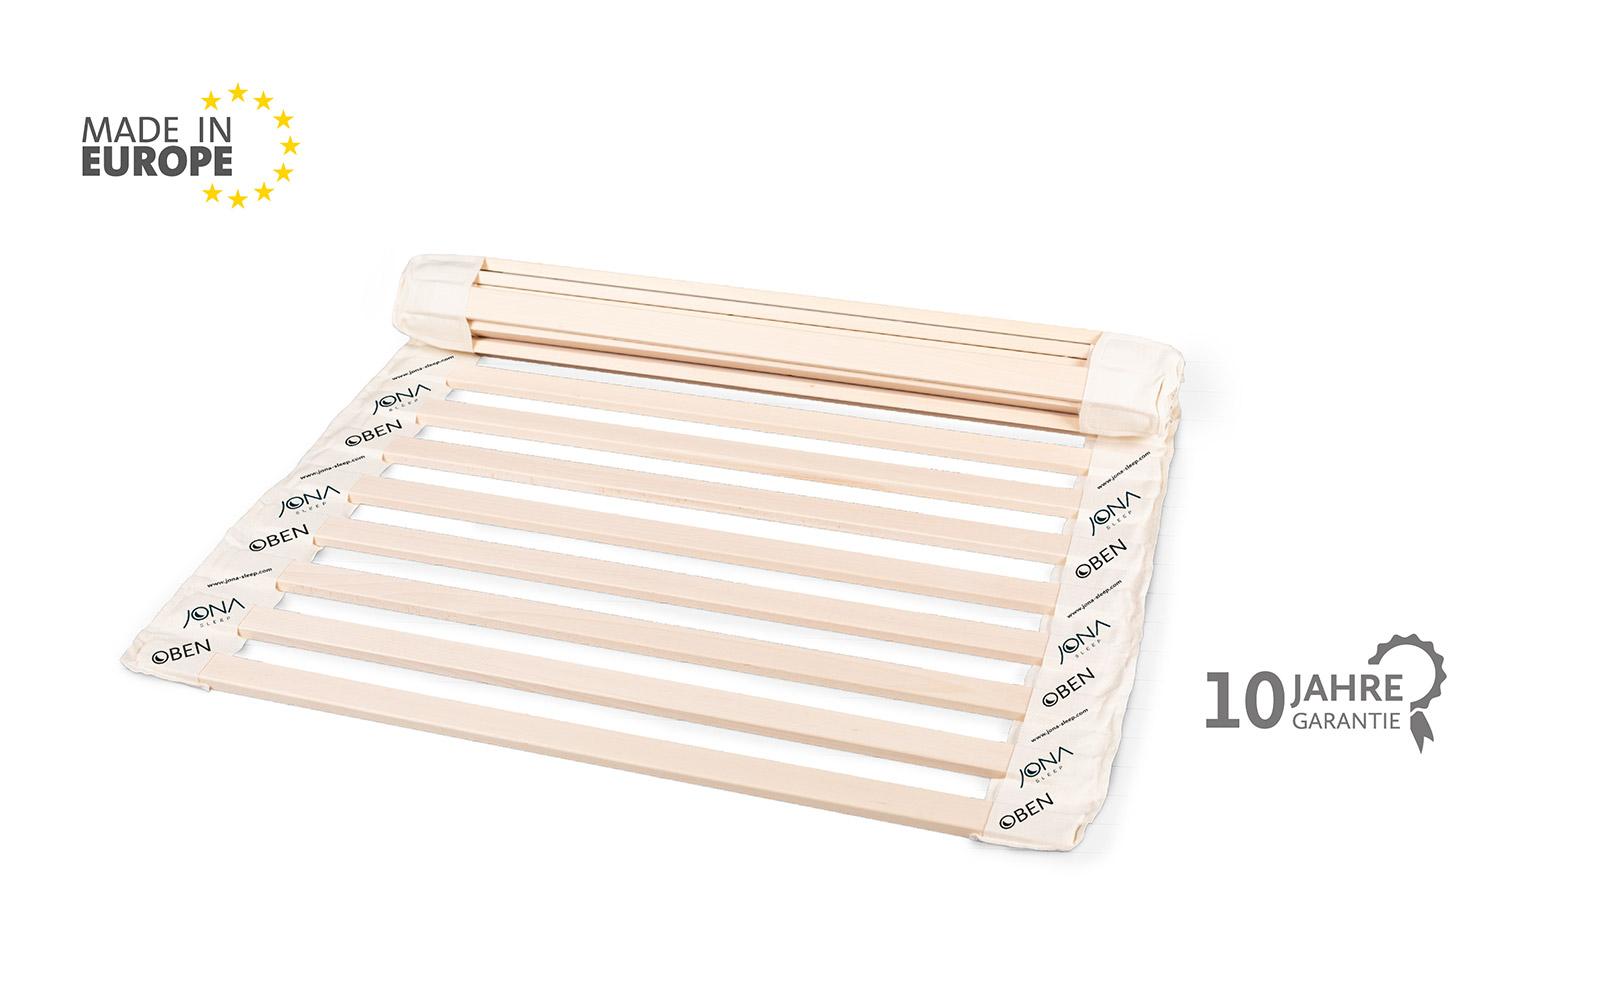 Full Size of Bett Lattenrost Matratze Mit Elektrisch Verstellbaren Knarren Quietscht Gummi Ikea Malm Verstellbarem Und 180x200 Gebraucht Flexa Knarrt Ruf Betten Bett Bett Lattenrost